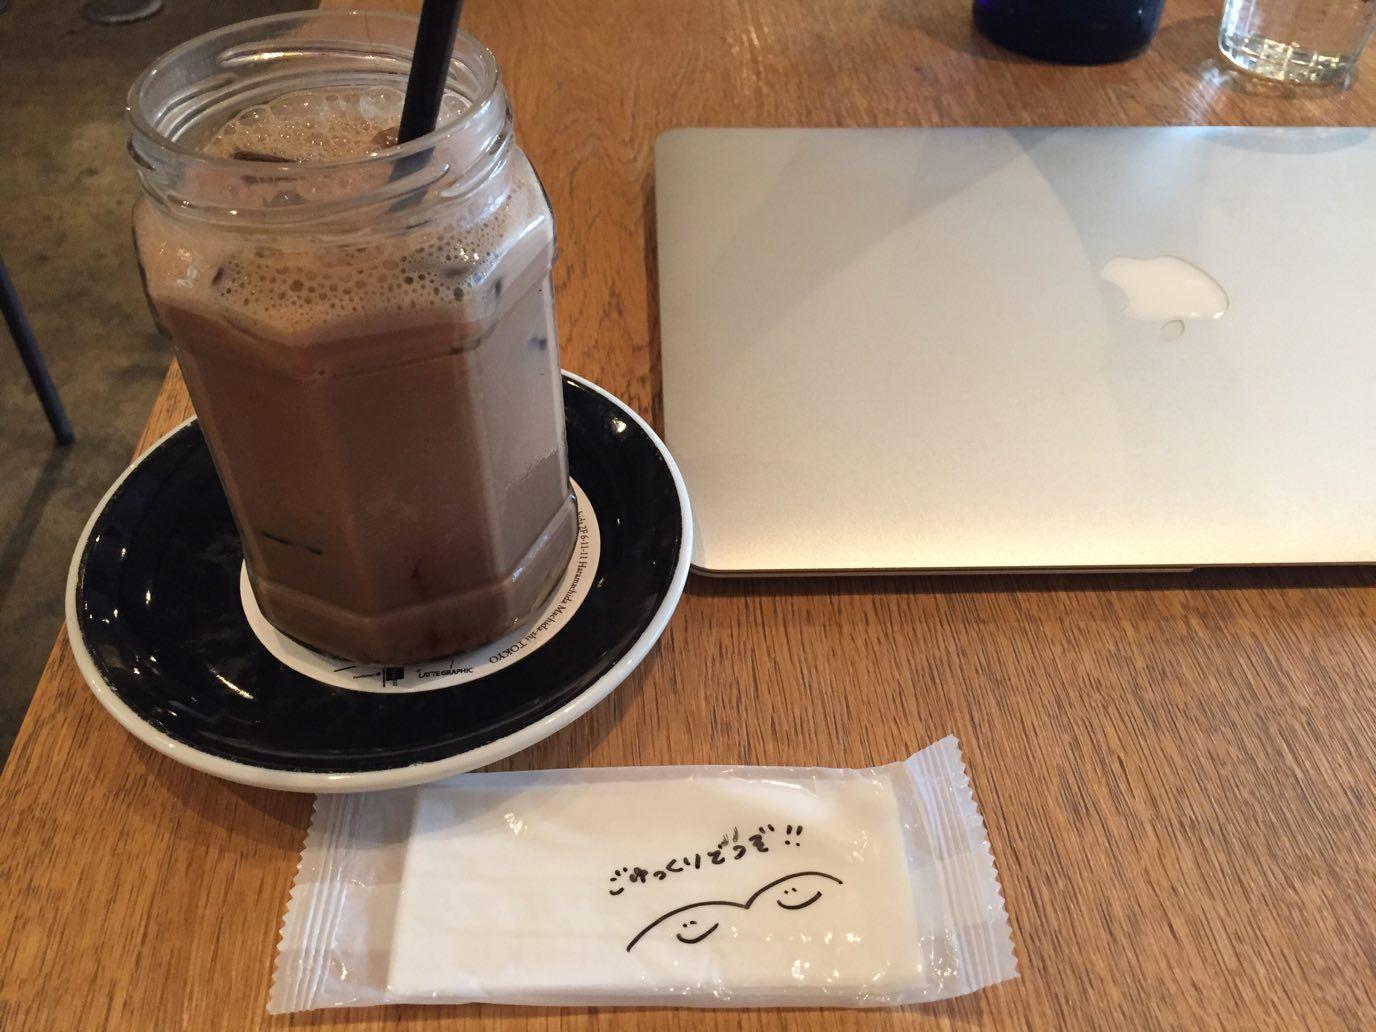 町田 LATTE GRAPHIC ー WiFi完備で1人でも気軽に行くことができる開放感あるカフェ♪【町田カフェ】